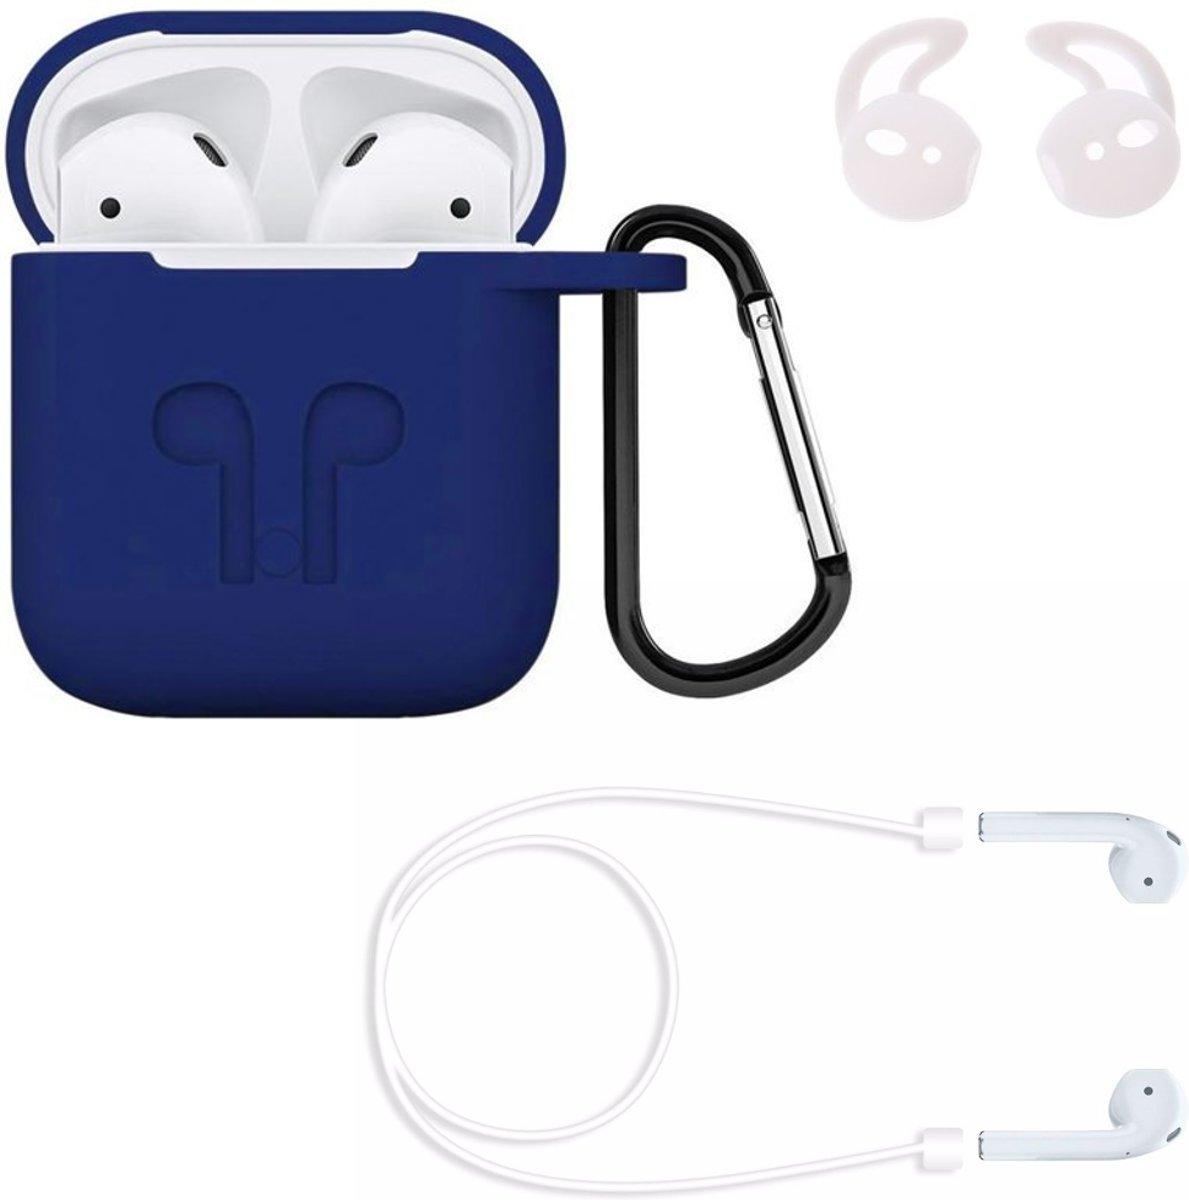 Airpods hoesje siliconen case - 3 in 1 set + strap + earhoox voor Apple Airpods - Donker blauw - KELERINO. kopen